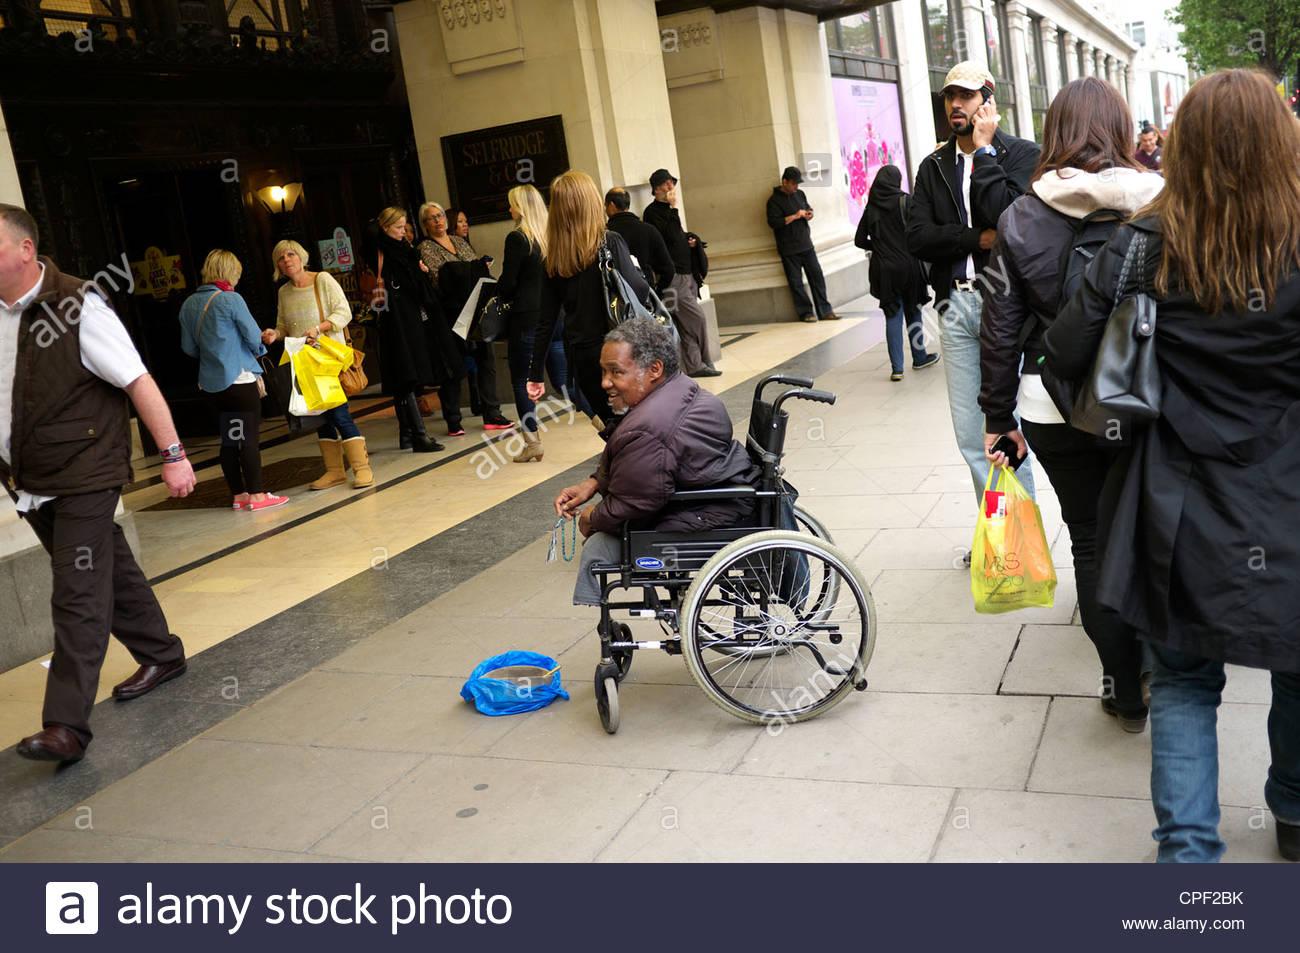 Ingresso ai magazzini Selfridges a Londra, in Oxford Street, con un mendicante disabili in sedia a rotelle all'esterno. Immagini Stock